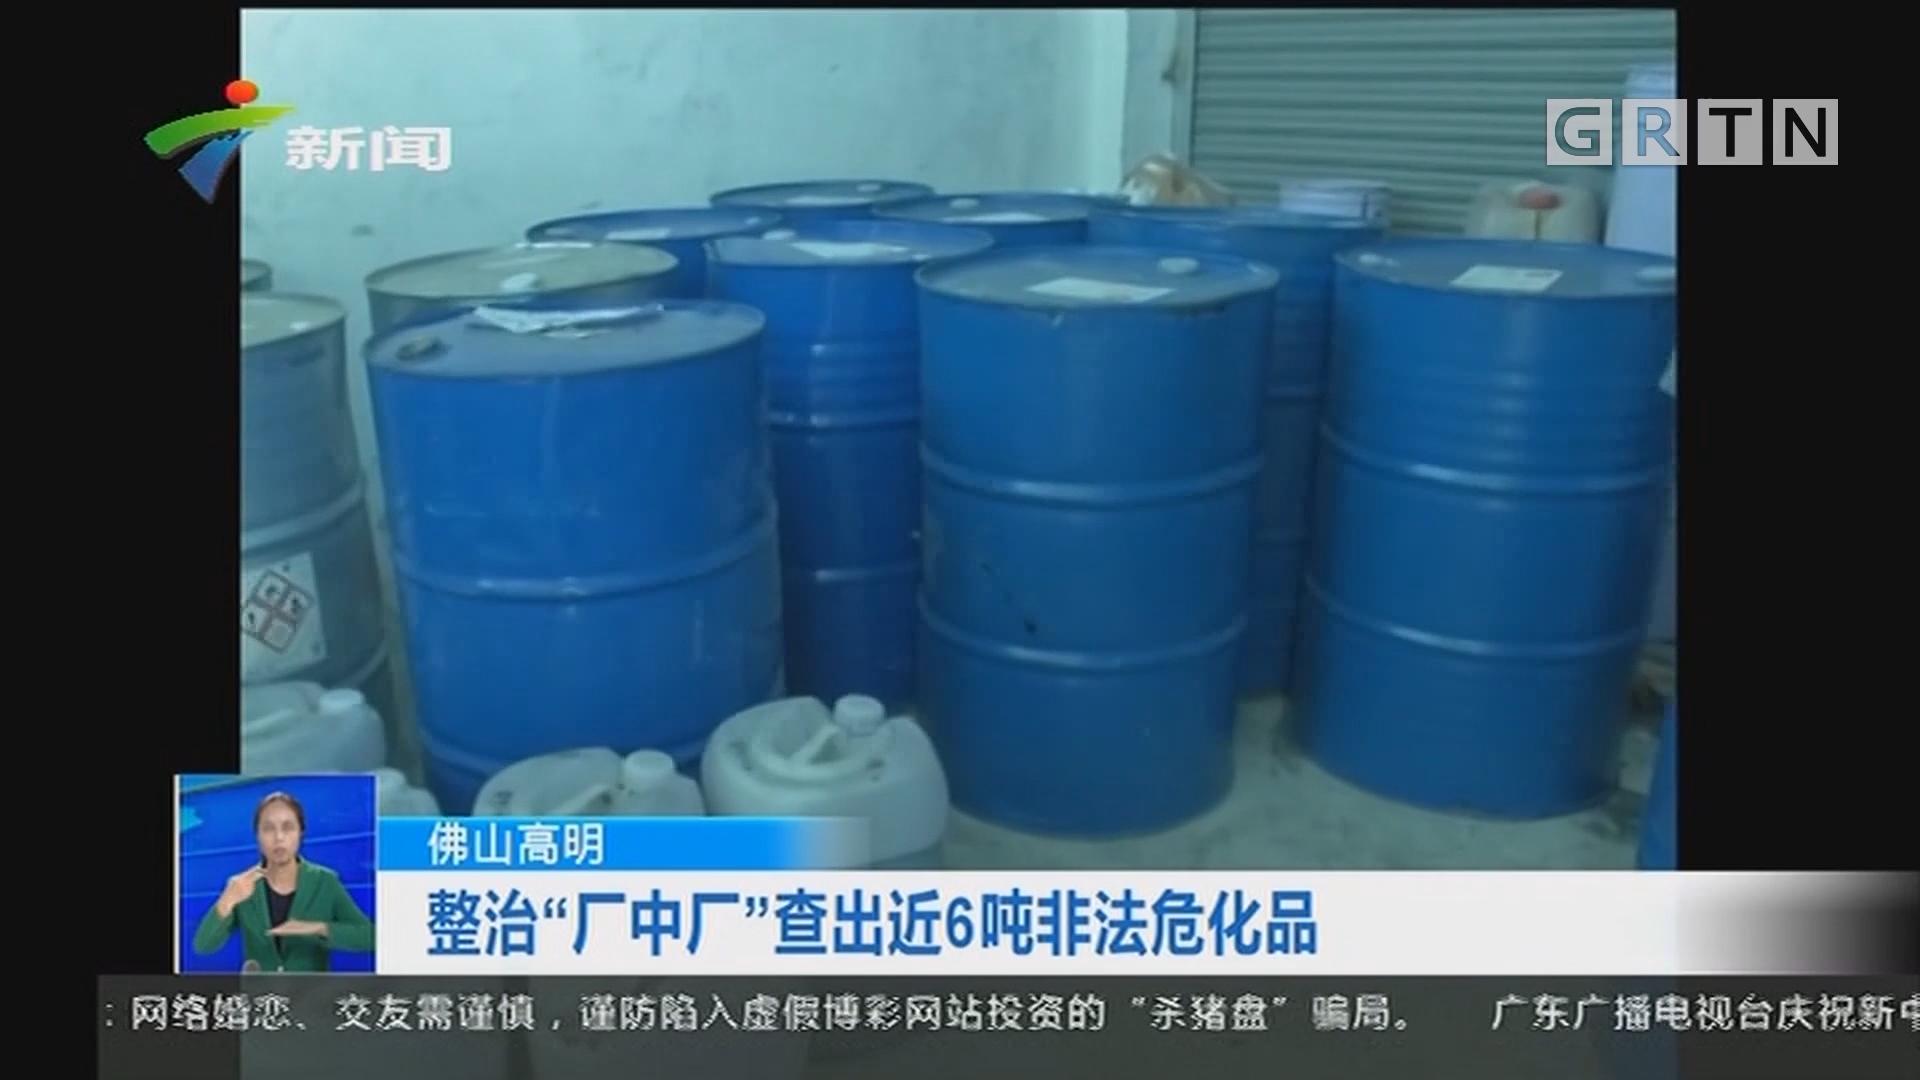 """佛山高明:整治""""厂中厂""""查出近6吨非法危化品"""